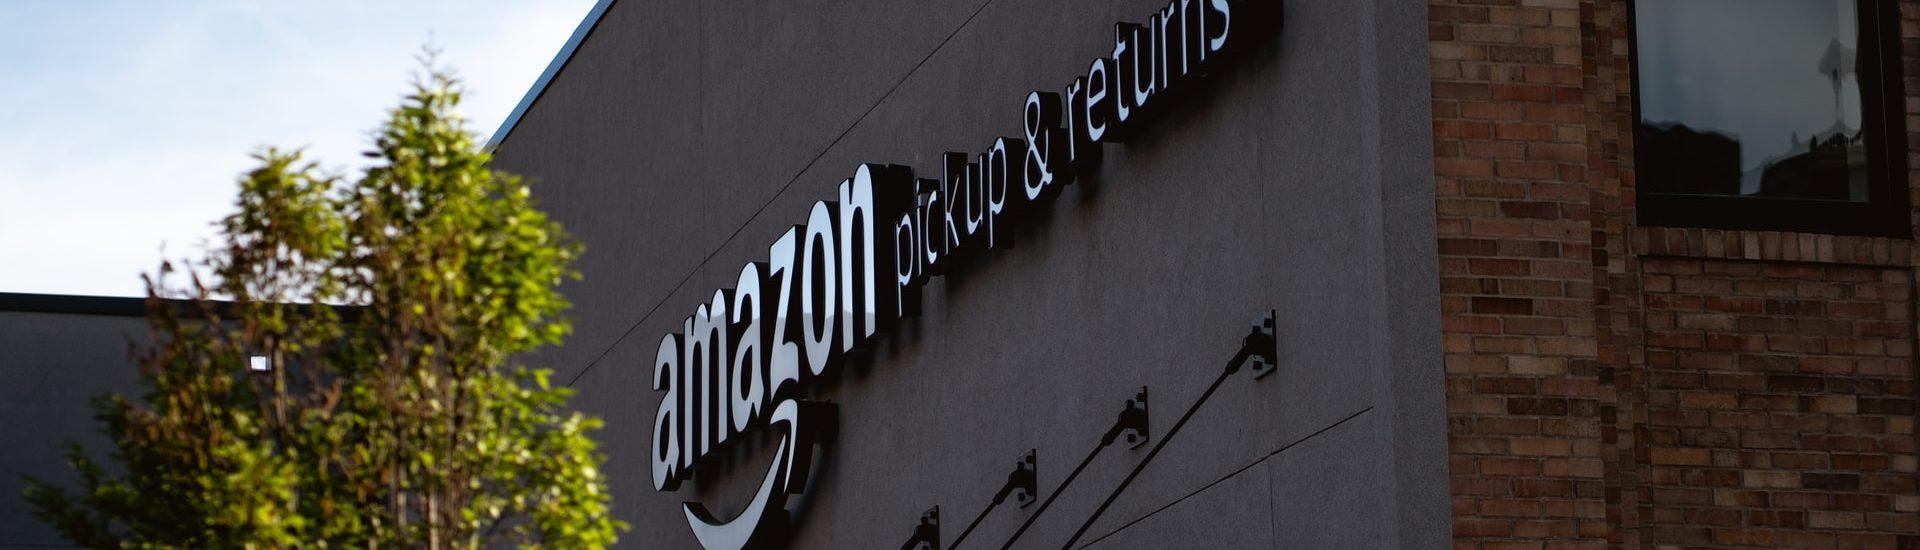 ΗΠΑ/Ιταλία: Οι εργάτες της Amazon και της Ίνστακαρτ σε απεργία